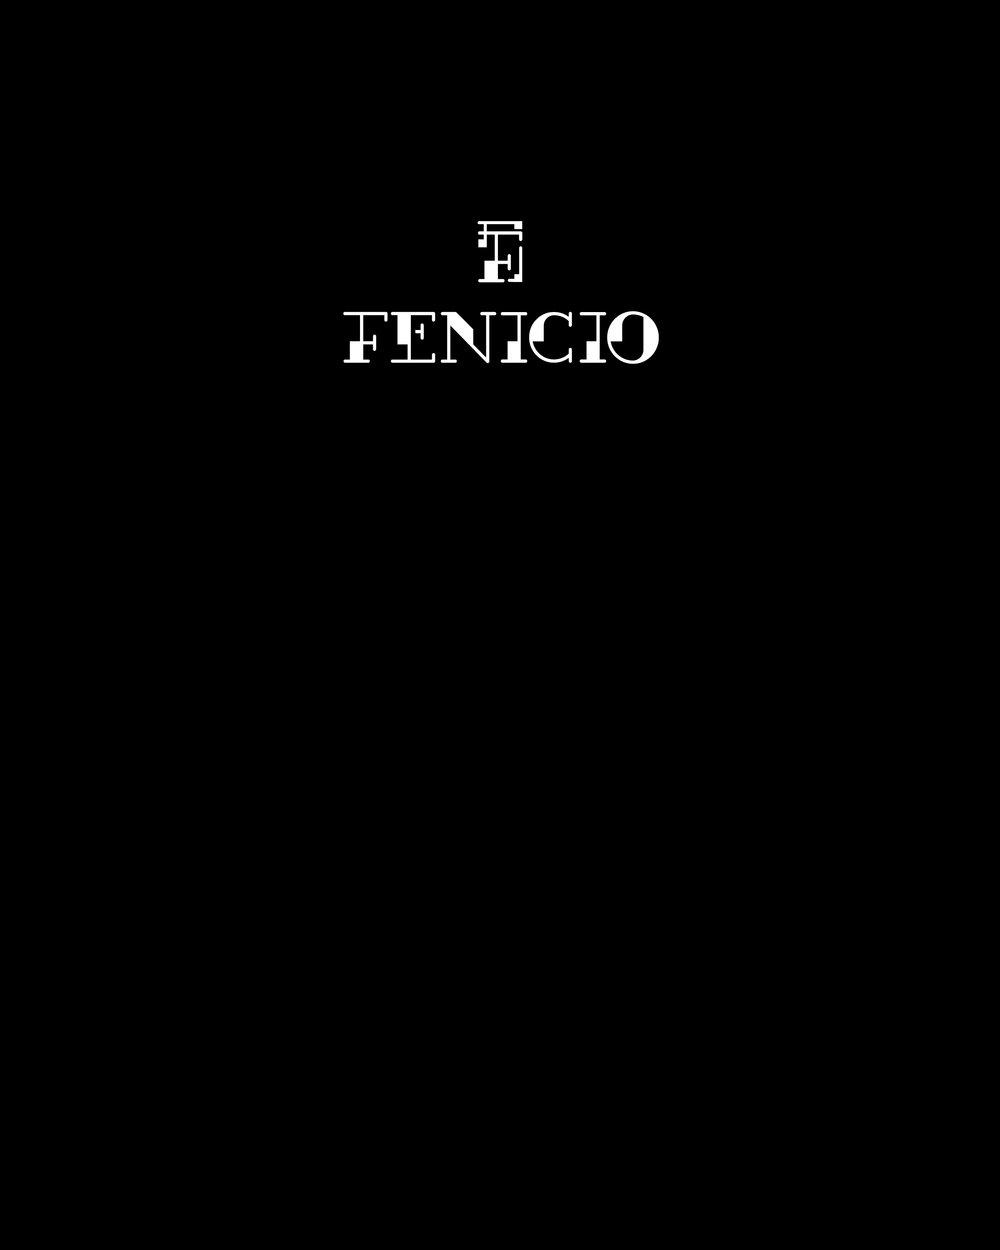 Fenicio_logo.jpg